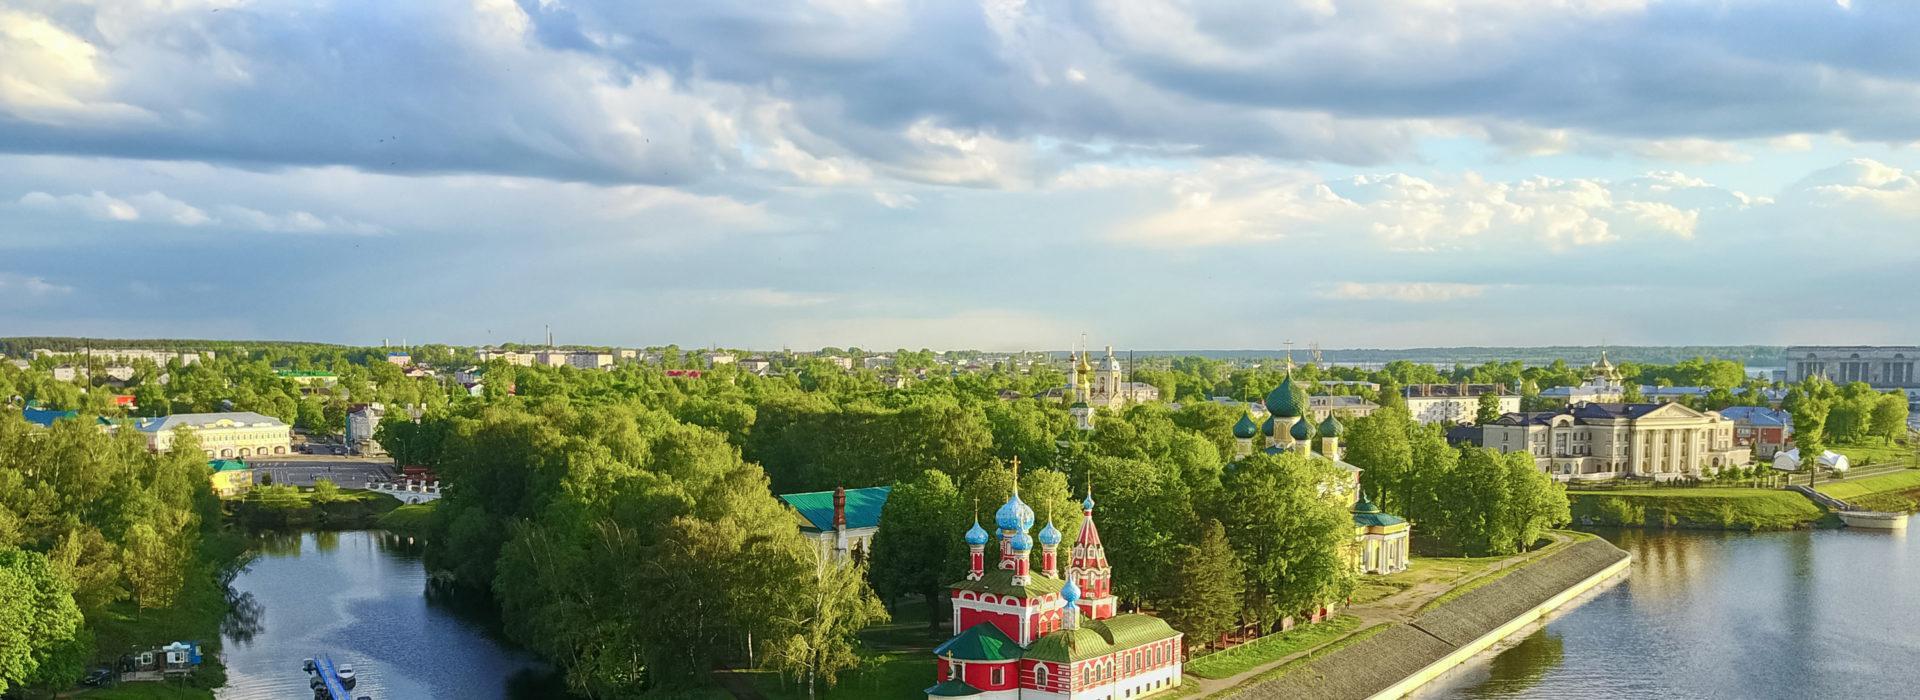 Лето на Волге: Углич — город на реке времени